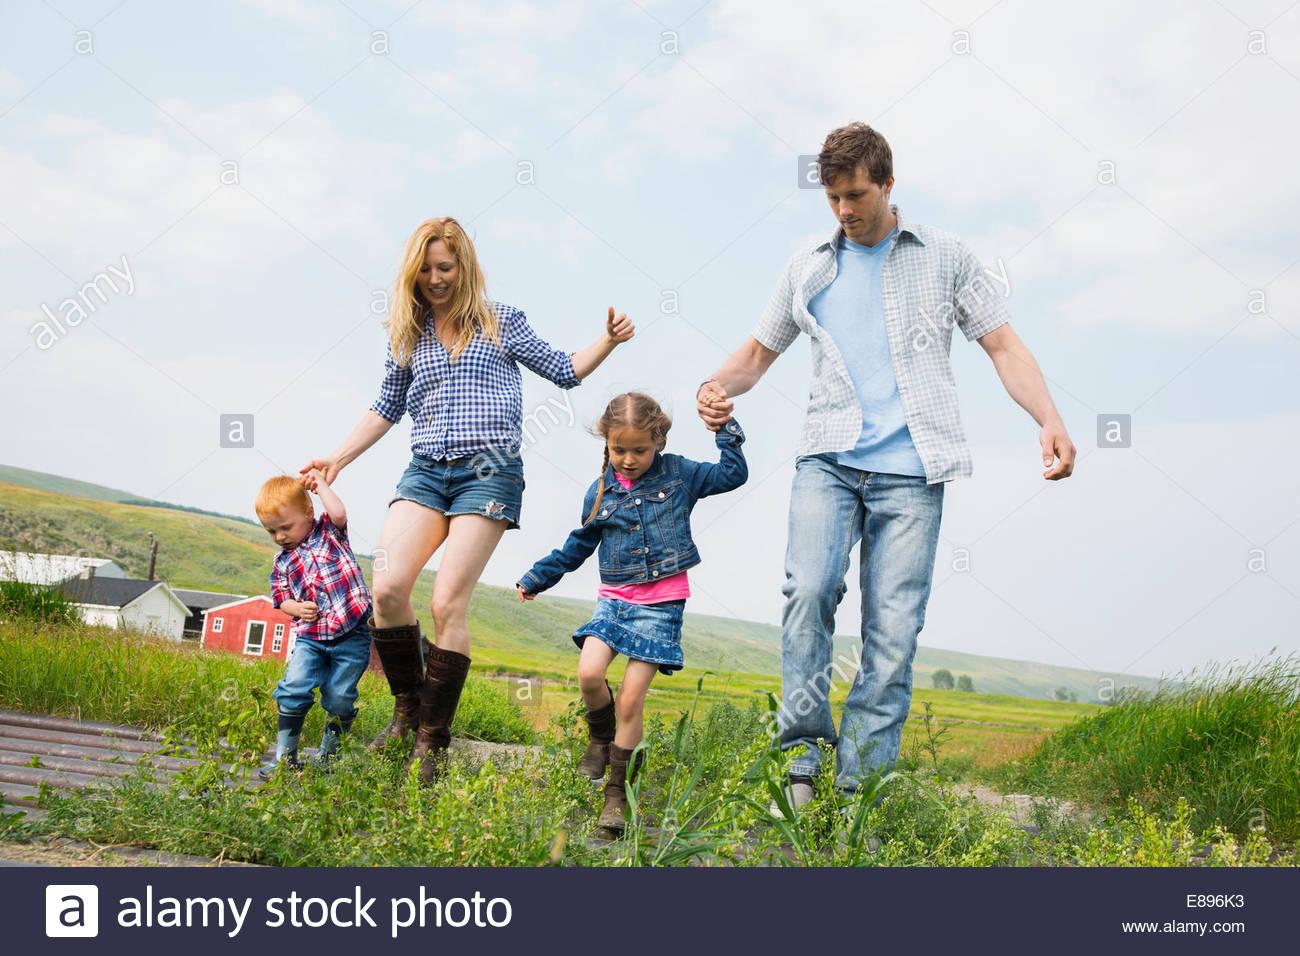 Famiglia passeggiate in campo rurale Immagini Stock